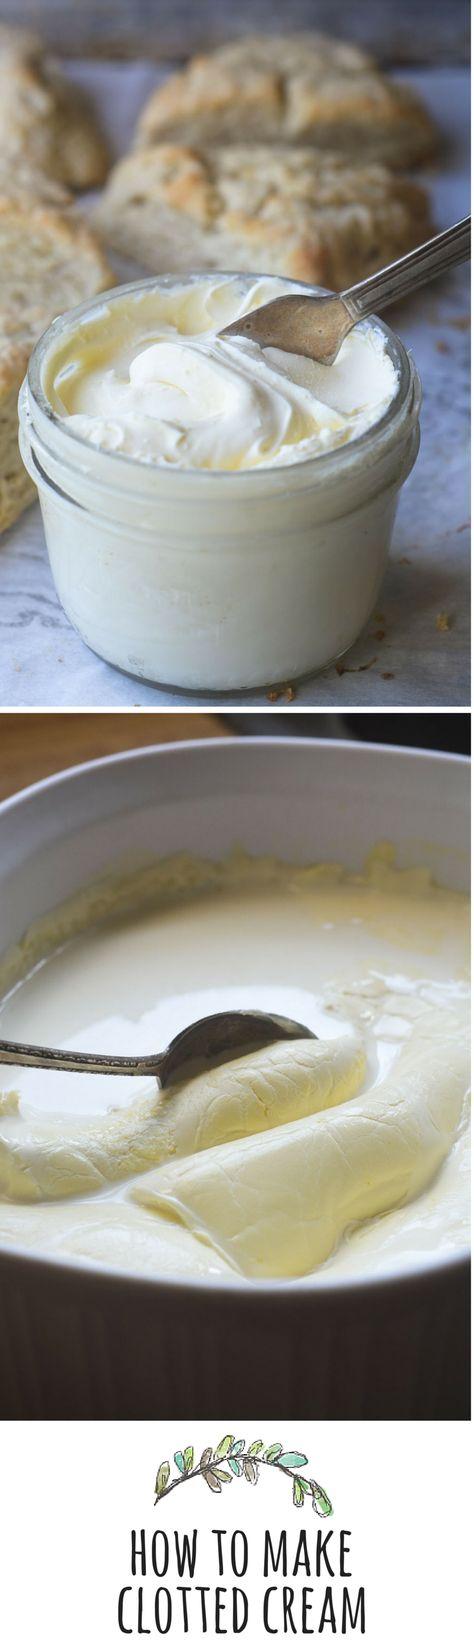 Das beste Clotted Cream Rezept für Scones!